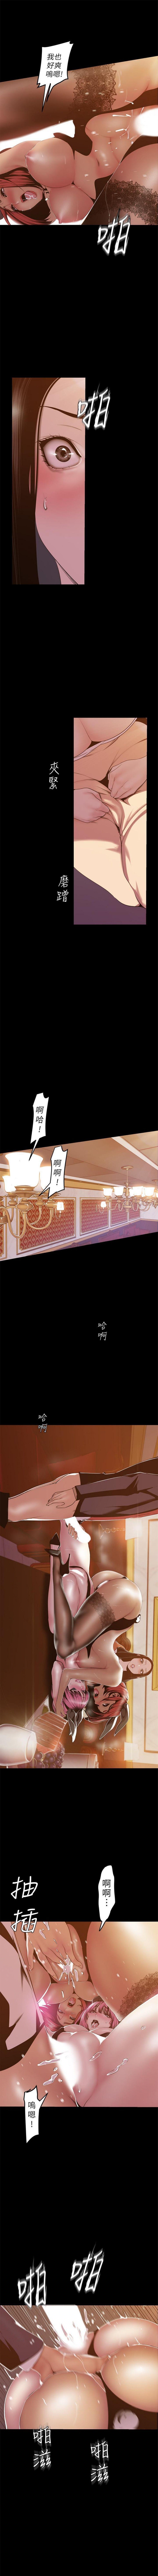 美麗新世界 1-85 官方中文(連載中) 597